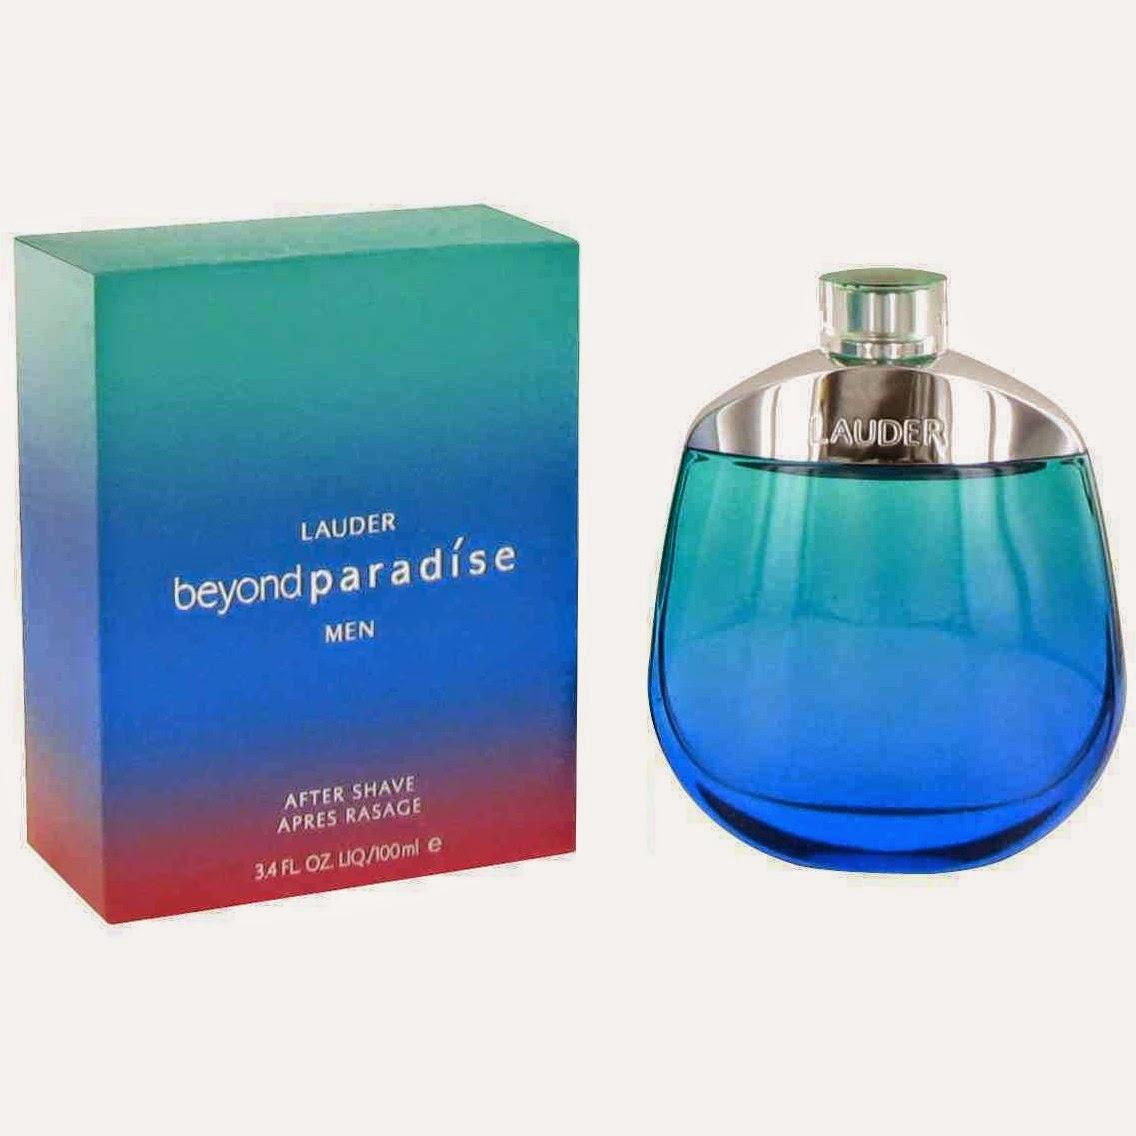 maximilian perfumes perfume for him berhubung dgn hutan selatan driftwood dan willywood minyak wangi ini diperkenalkan pada tahun 2007 bau sebalik wangian ini adalah jean louis grauby